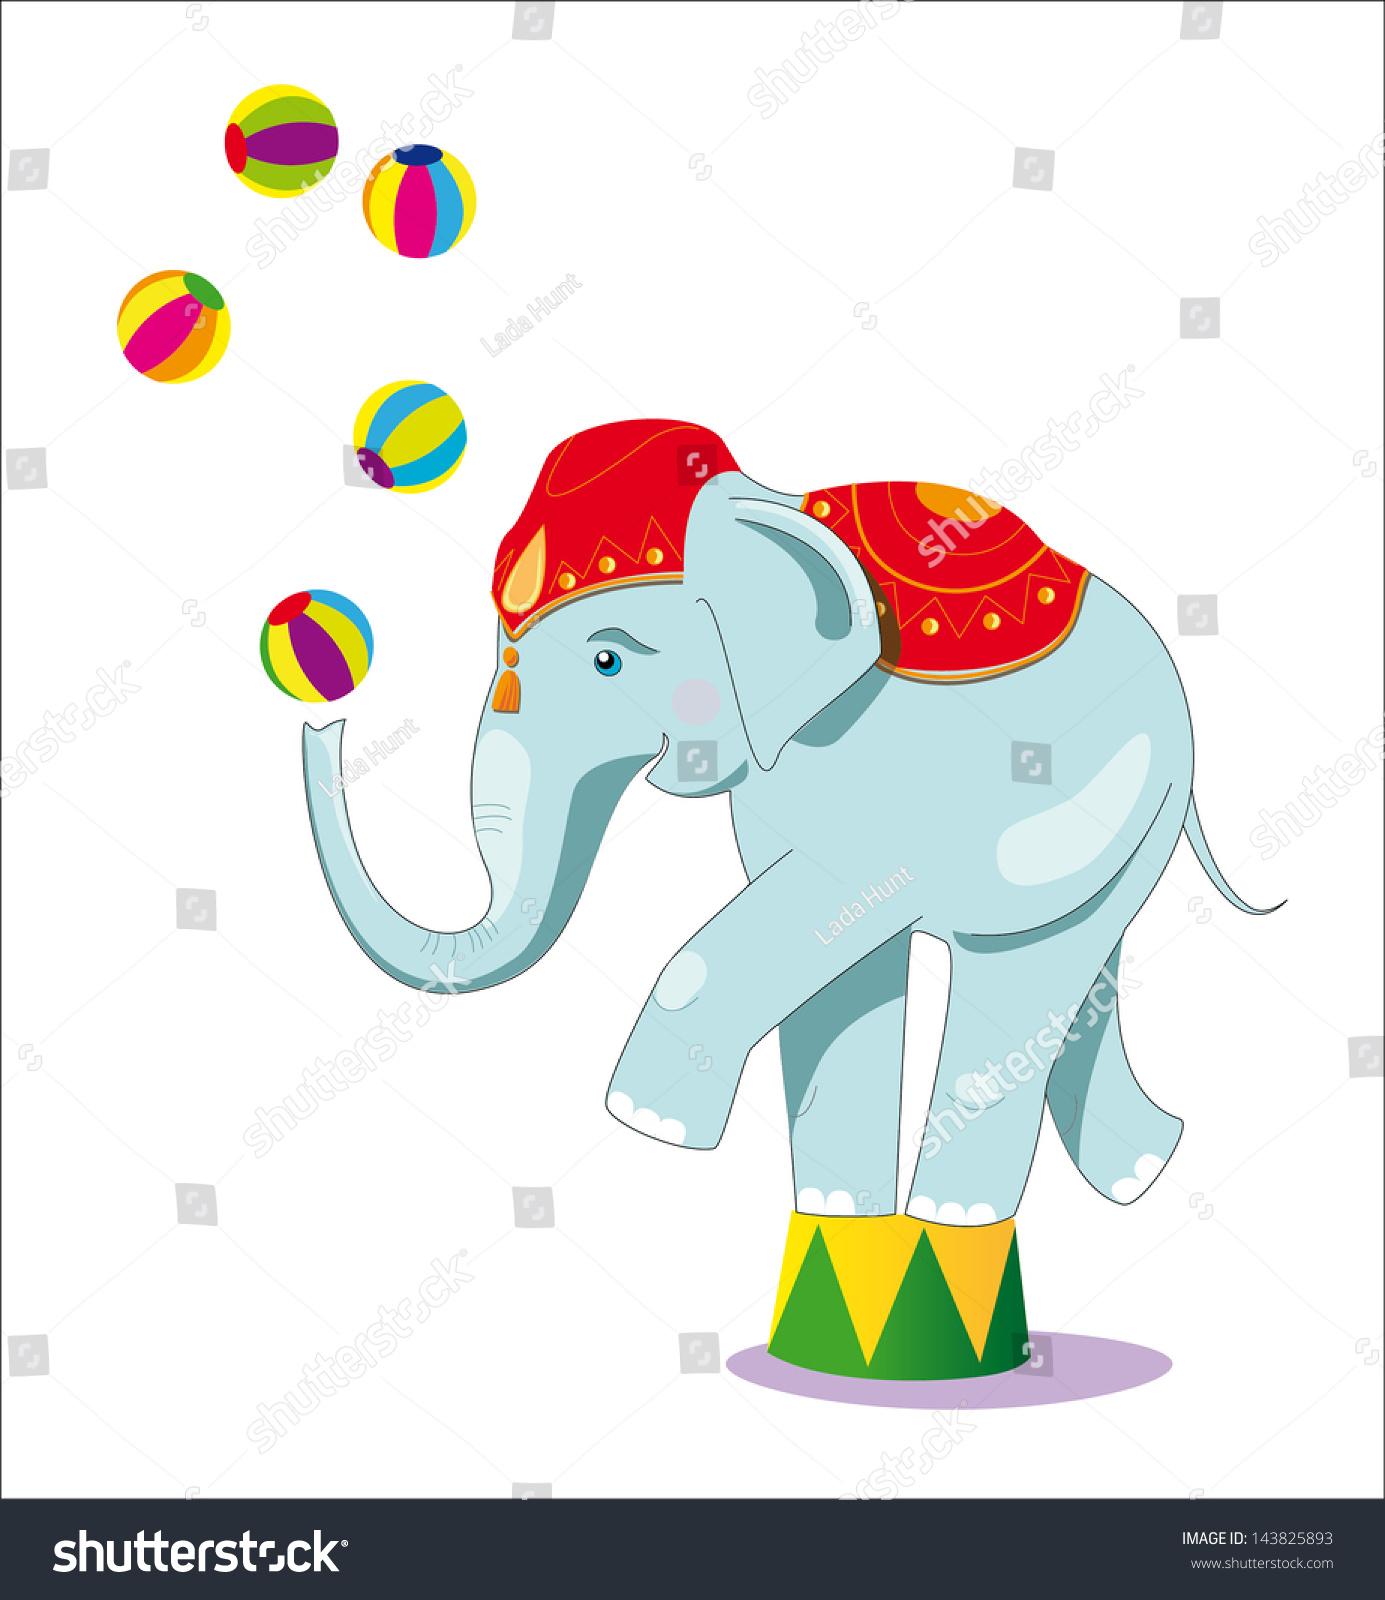 马戏团的大象是杂技演员